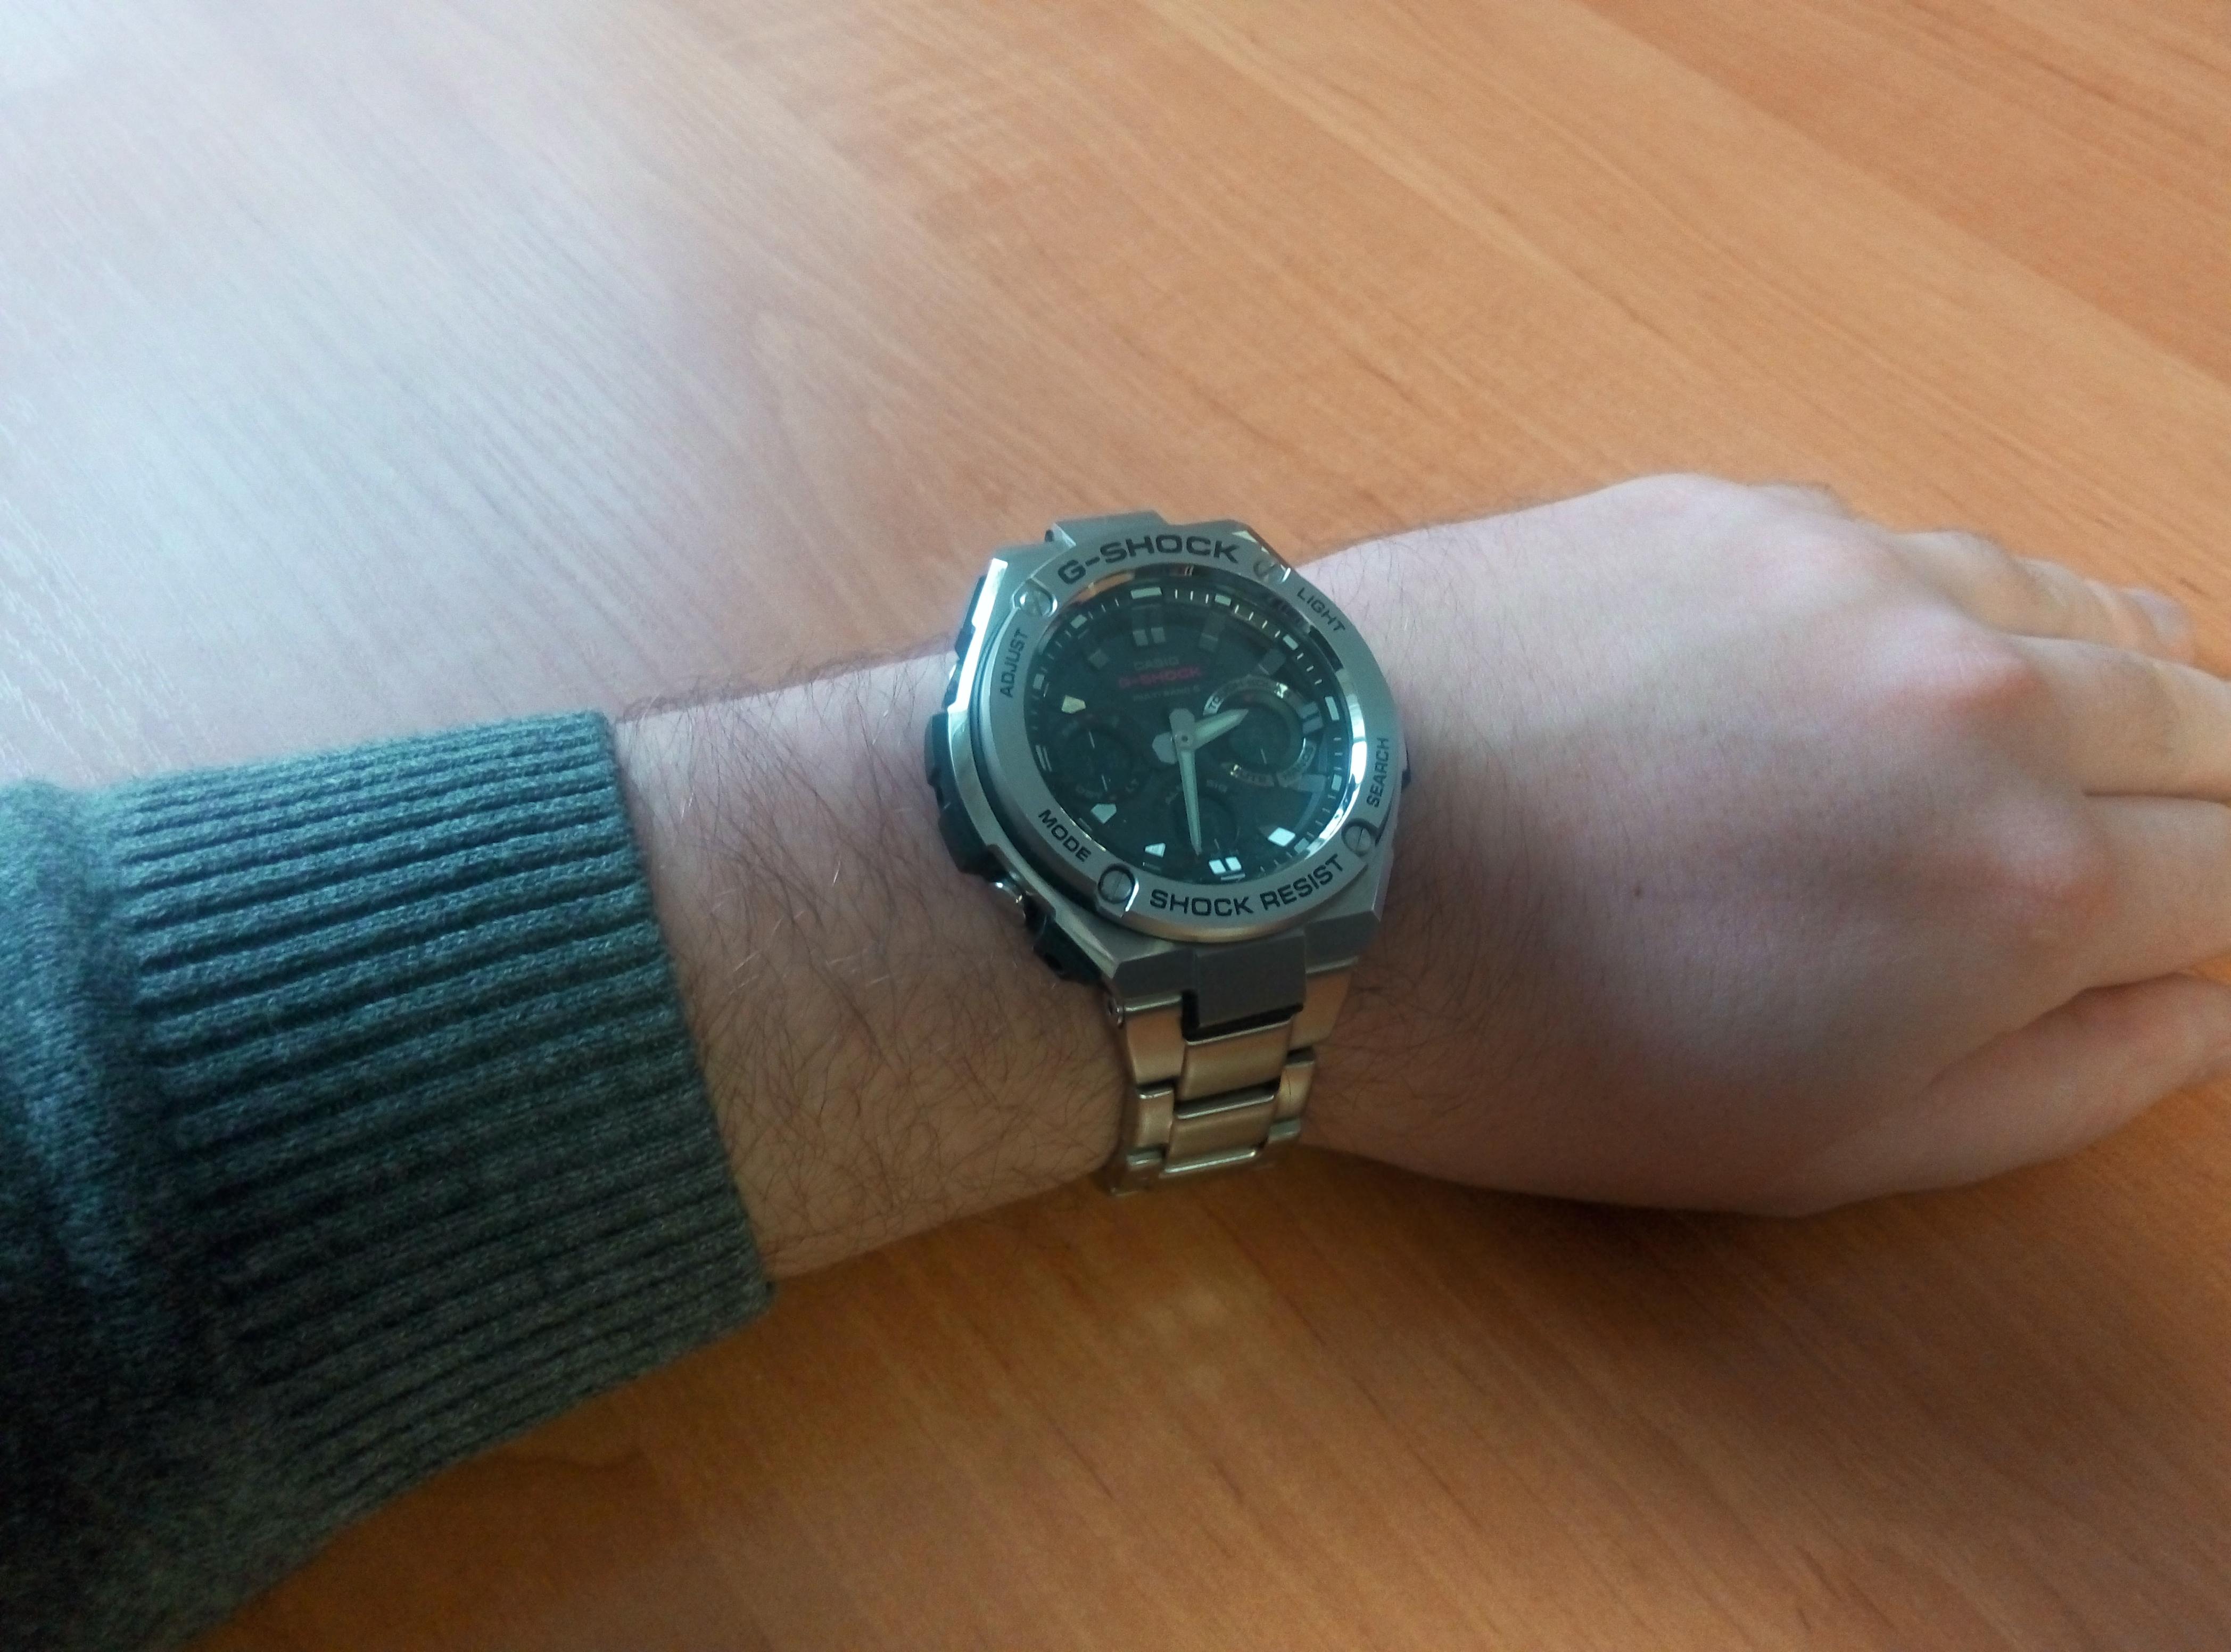 Сменил дешевые пластиковые шоки никогда не нравились, подростковый вариант на нормальные брутальные часы, которые также подходят к спортзалу и велосипеду.